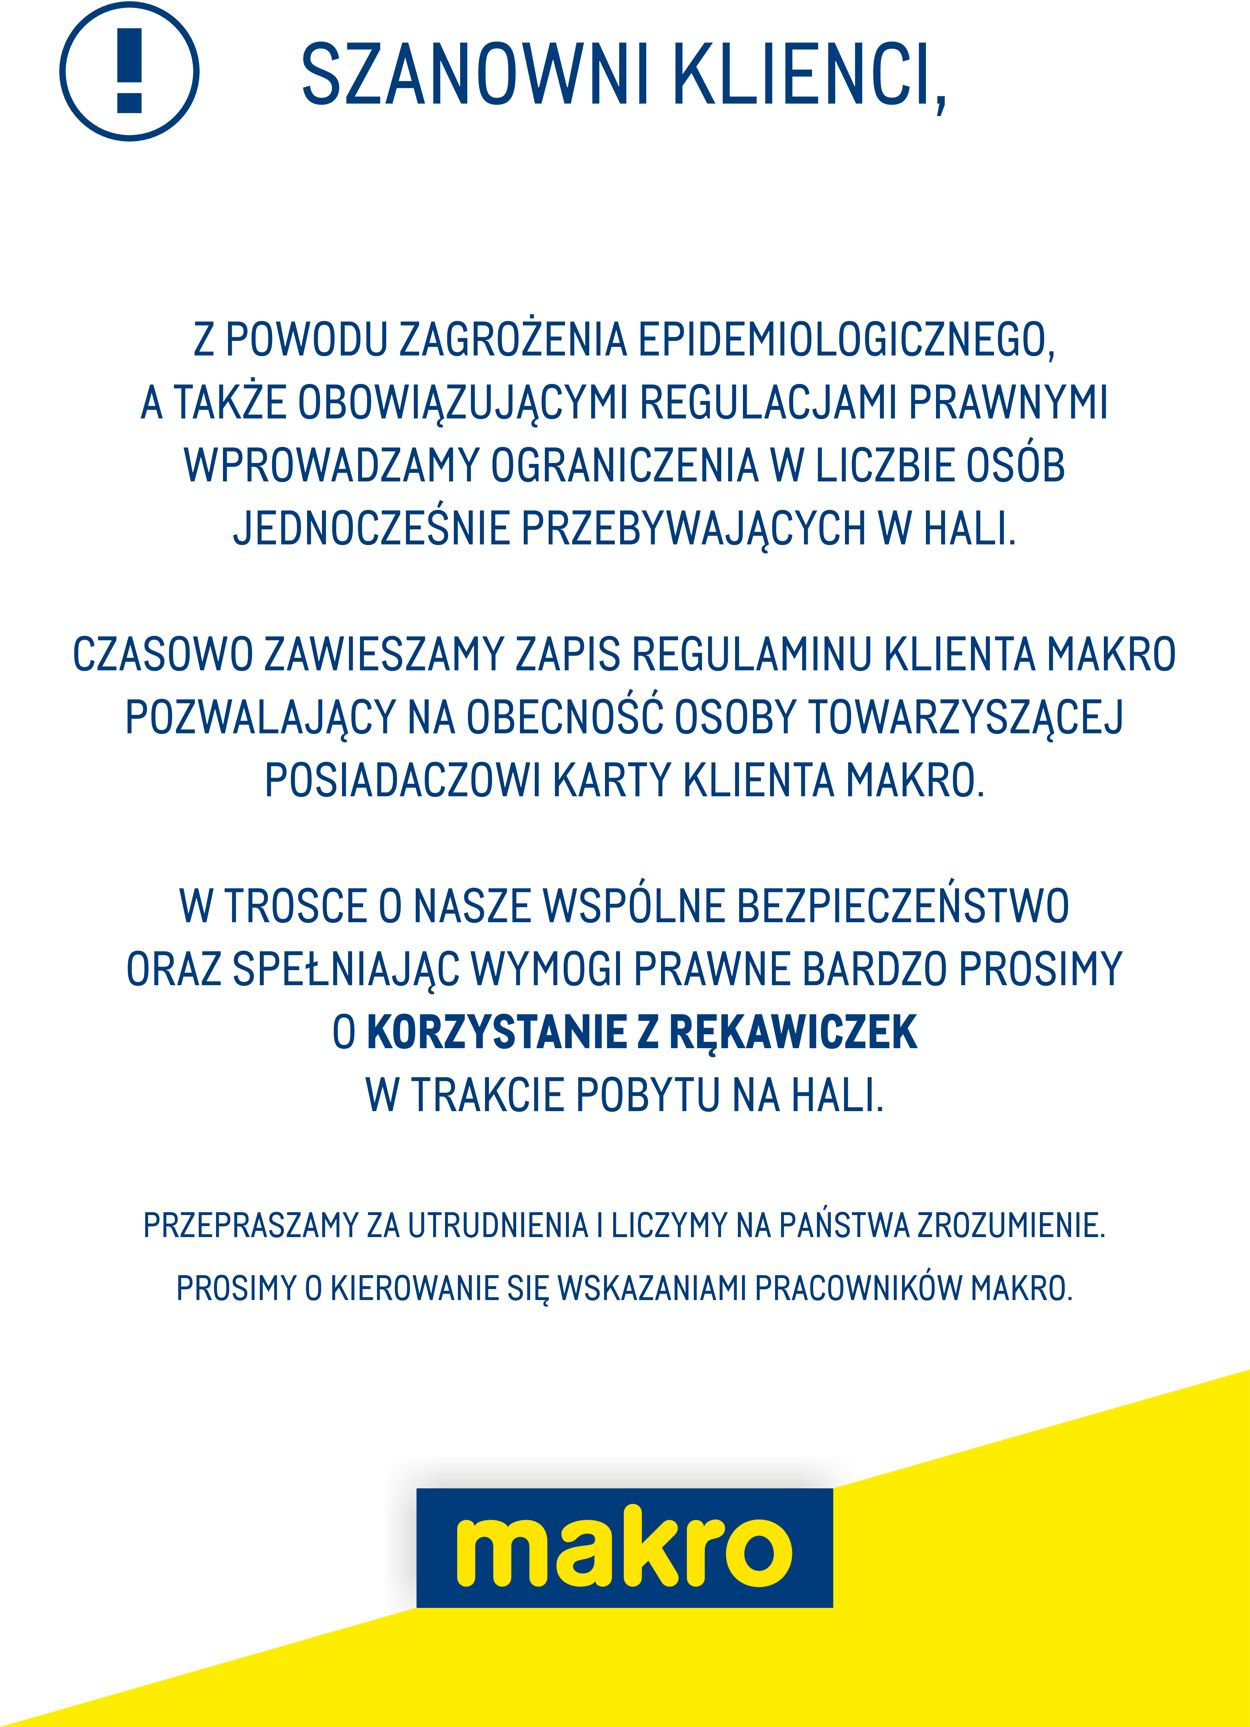 Gazetka promocyjna Makro - 02.04-30.04.2020